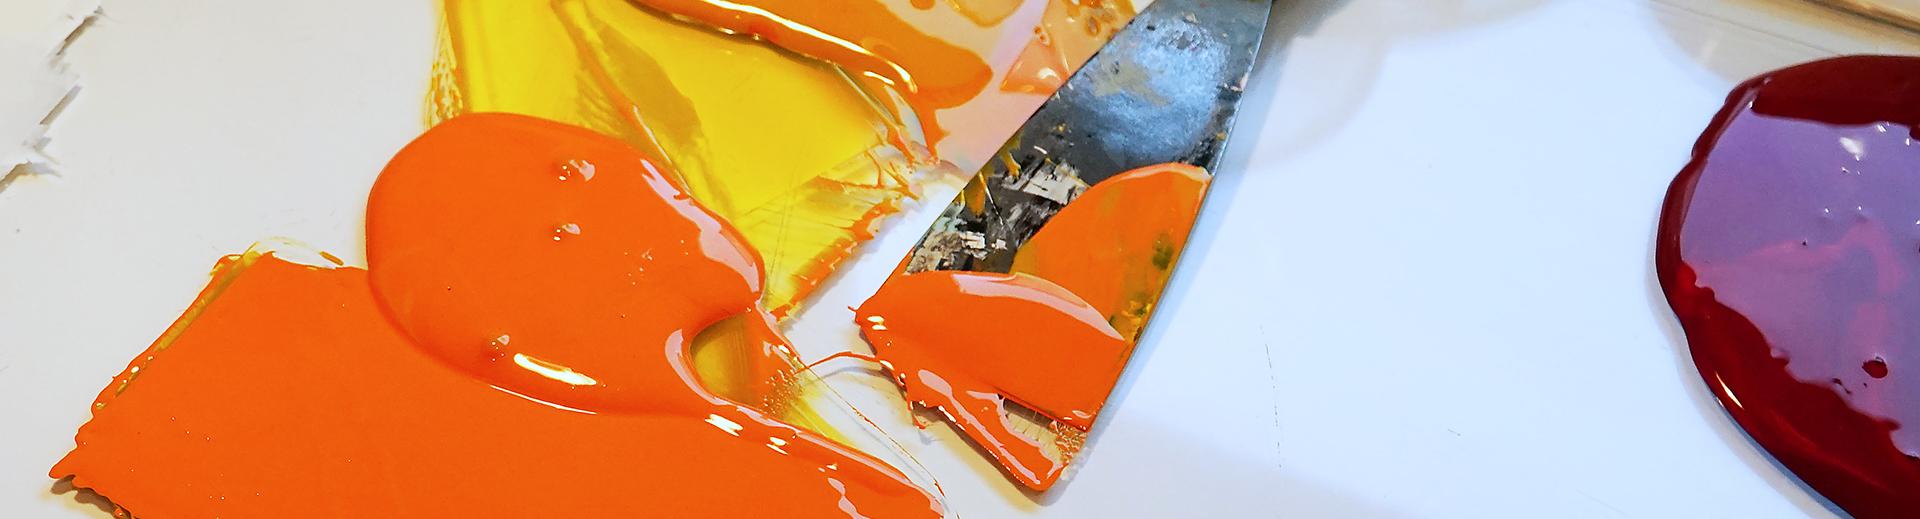 Workshops | Atelier Sauer Ibbenbüren | Farbspachtel